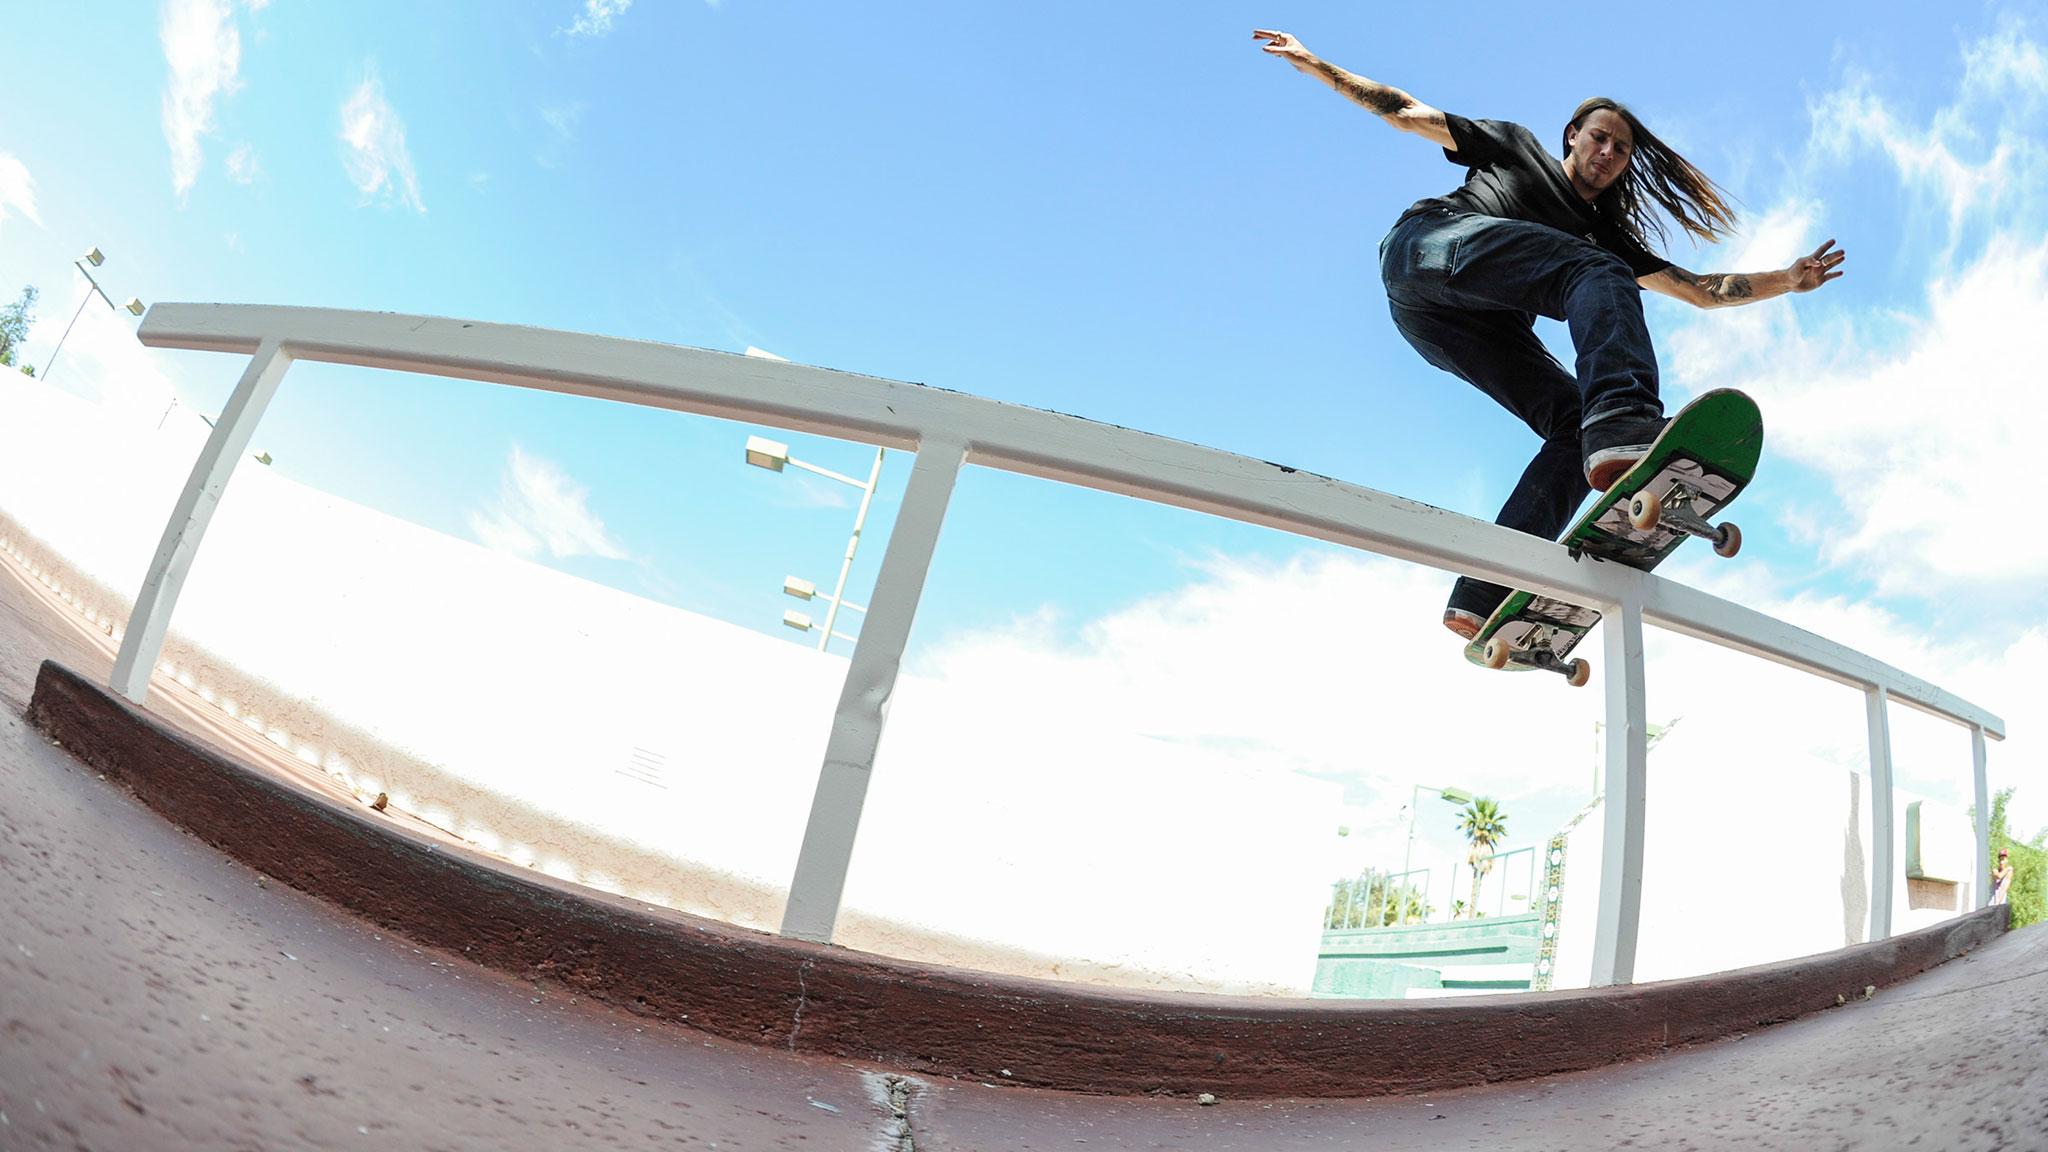 Riley Hawk, Skateboard Street